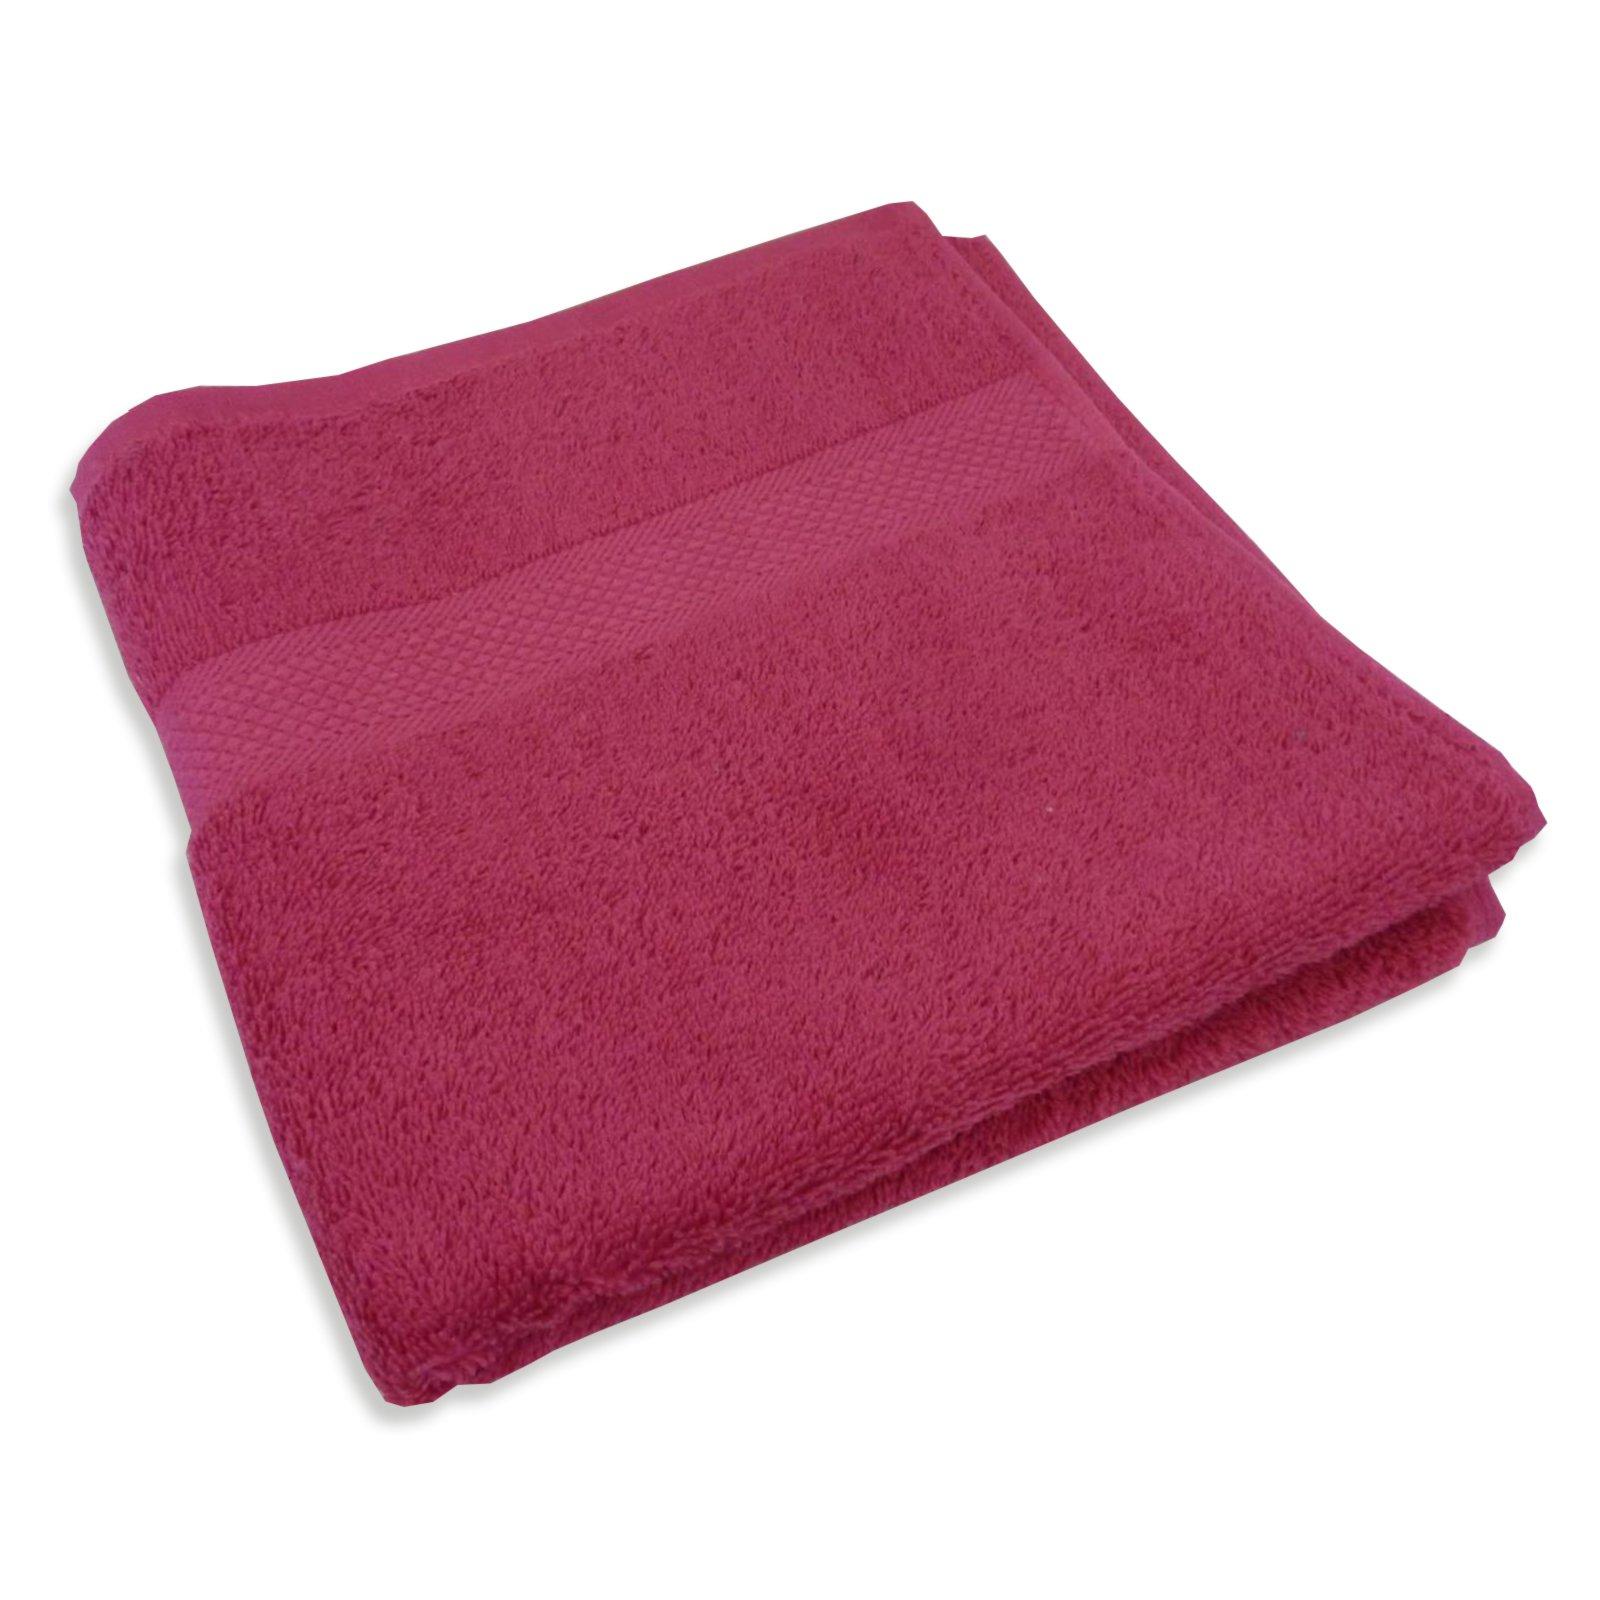 Handtuch PREMIUM - pink - 50x100 cm